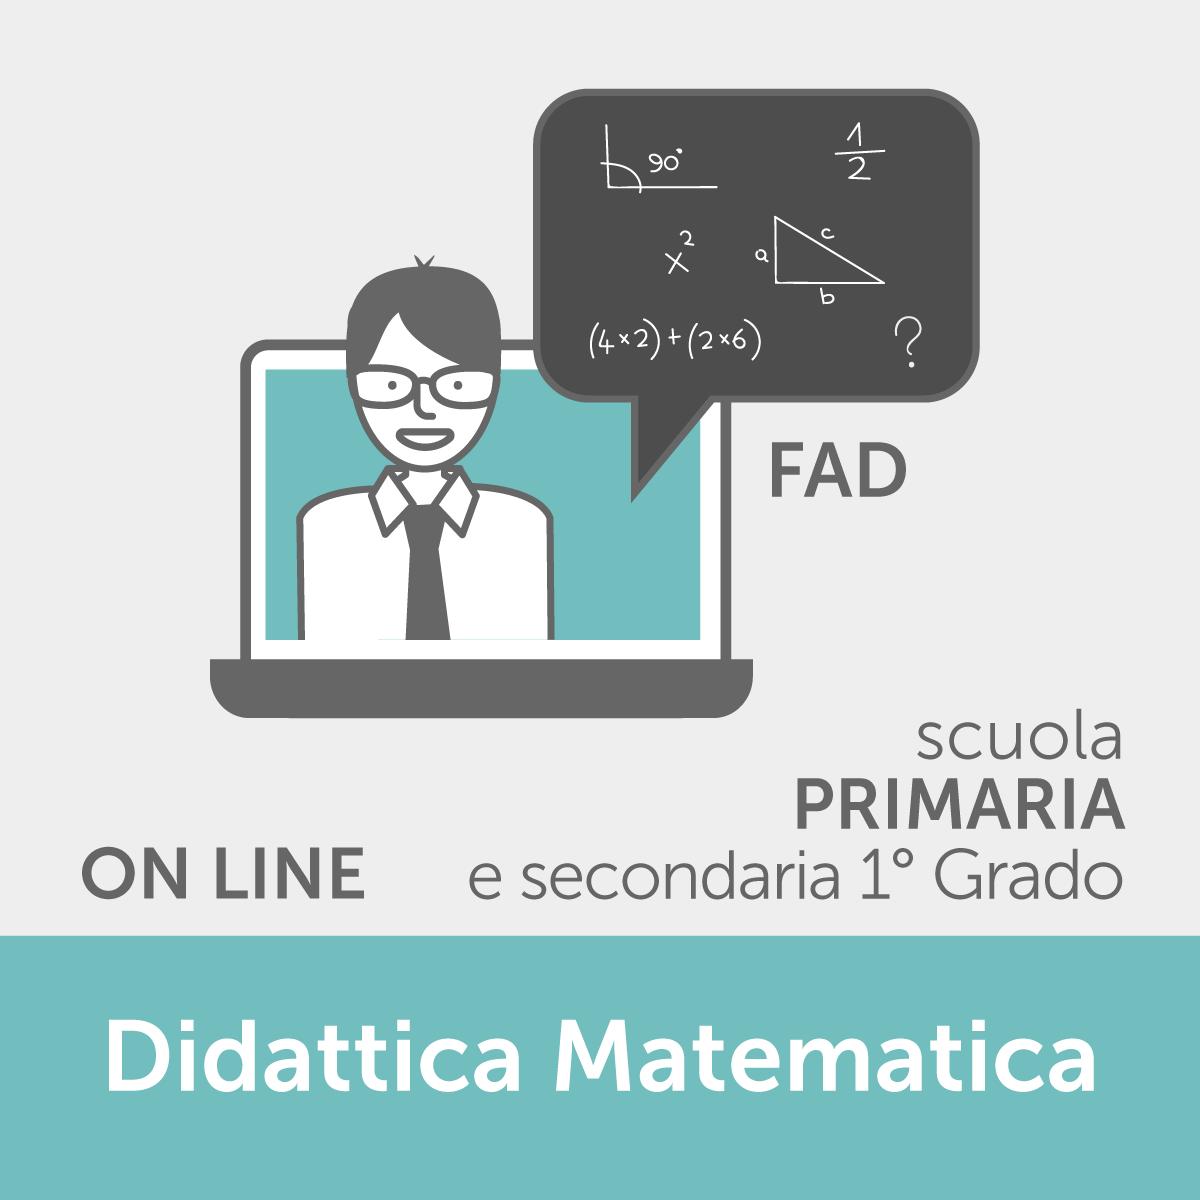 FAD - Contare e non solo: una matematica significativa per tutti gli studenti